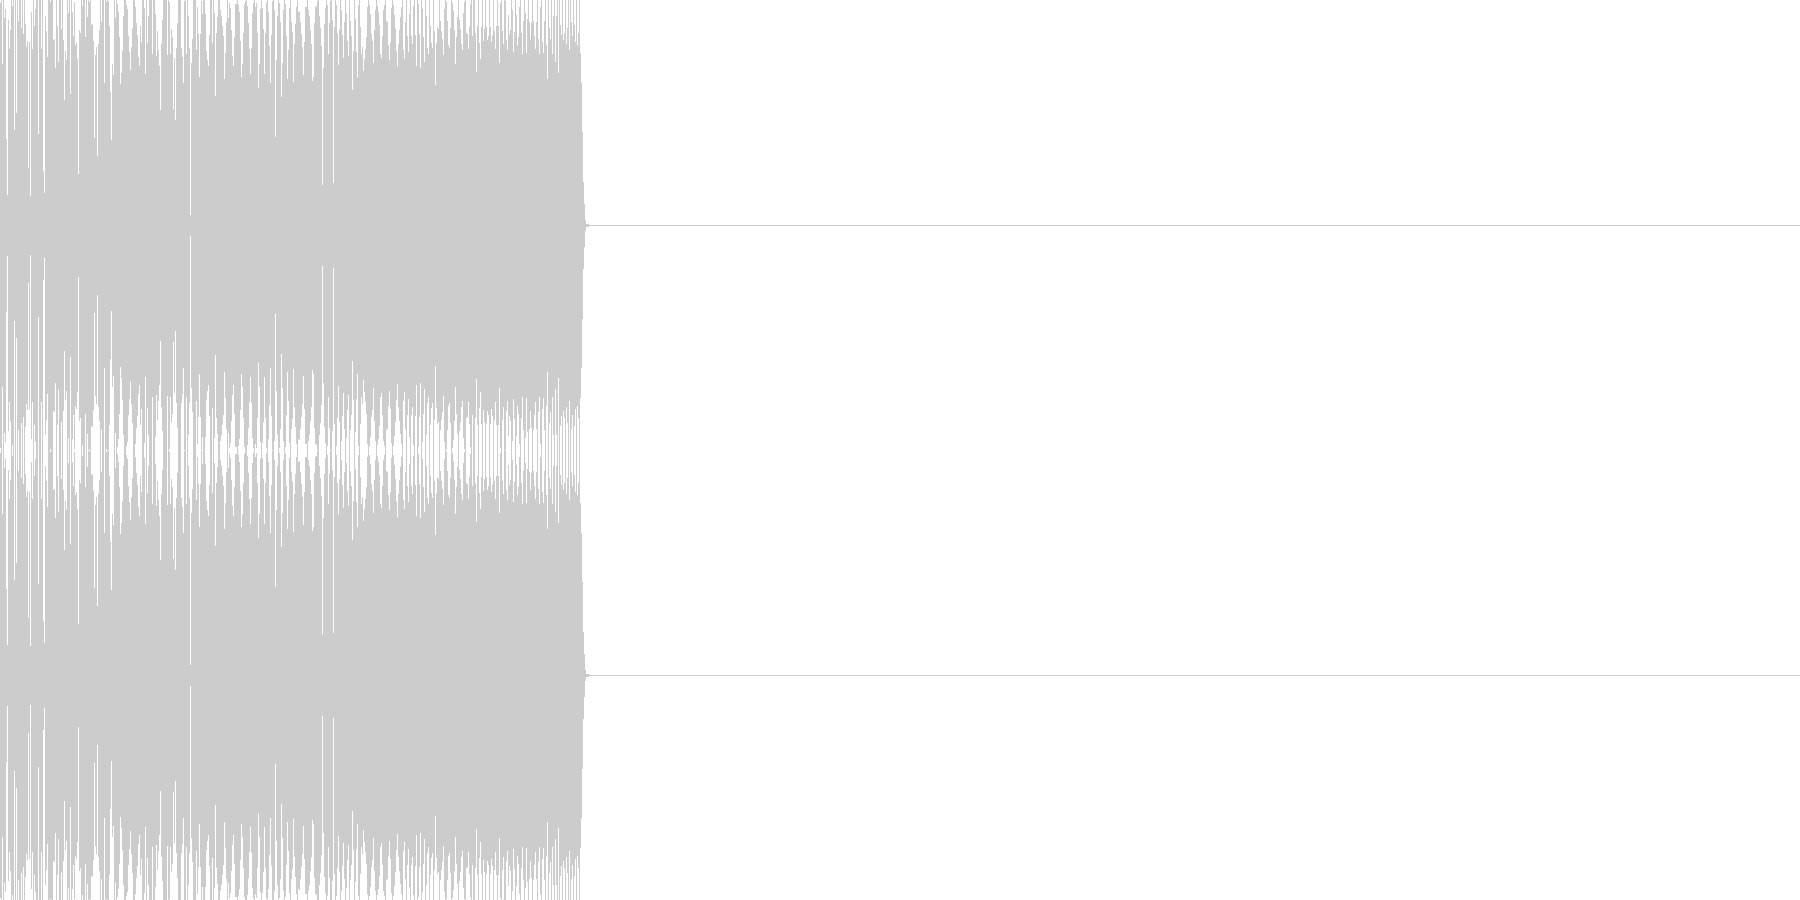 エンカウント04(ファミコン風)の未再生の波形